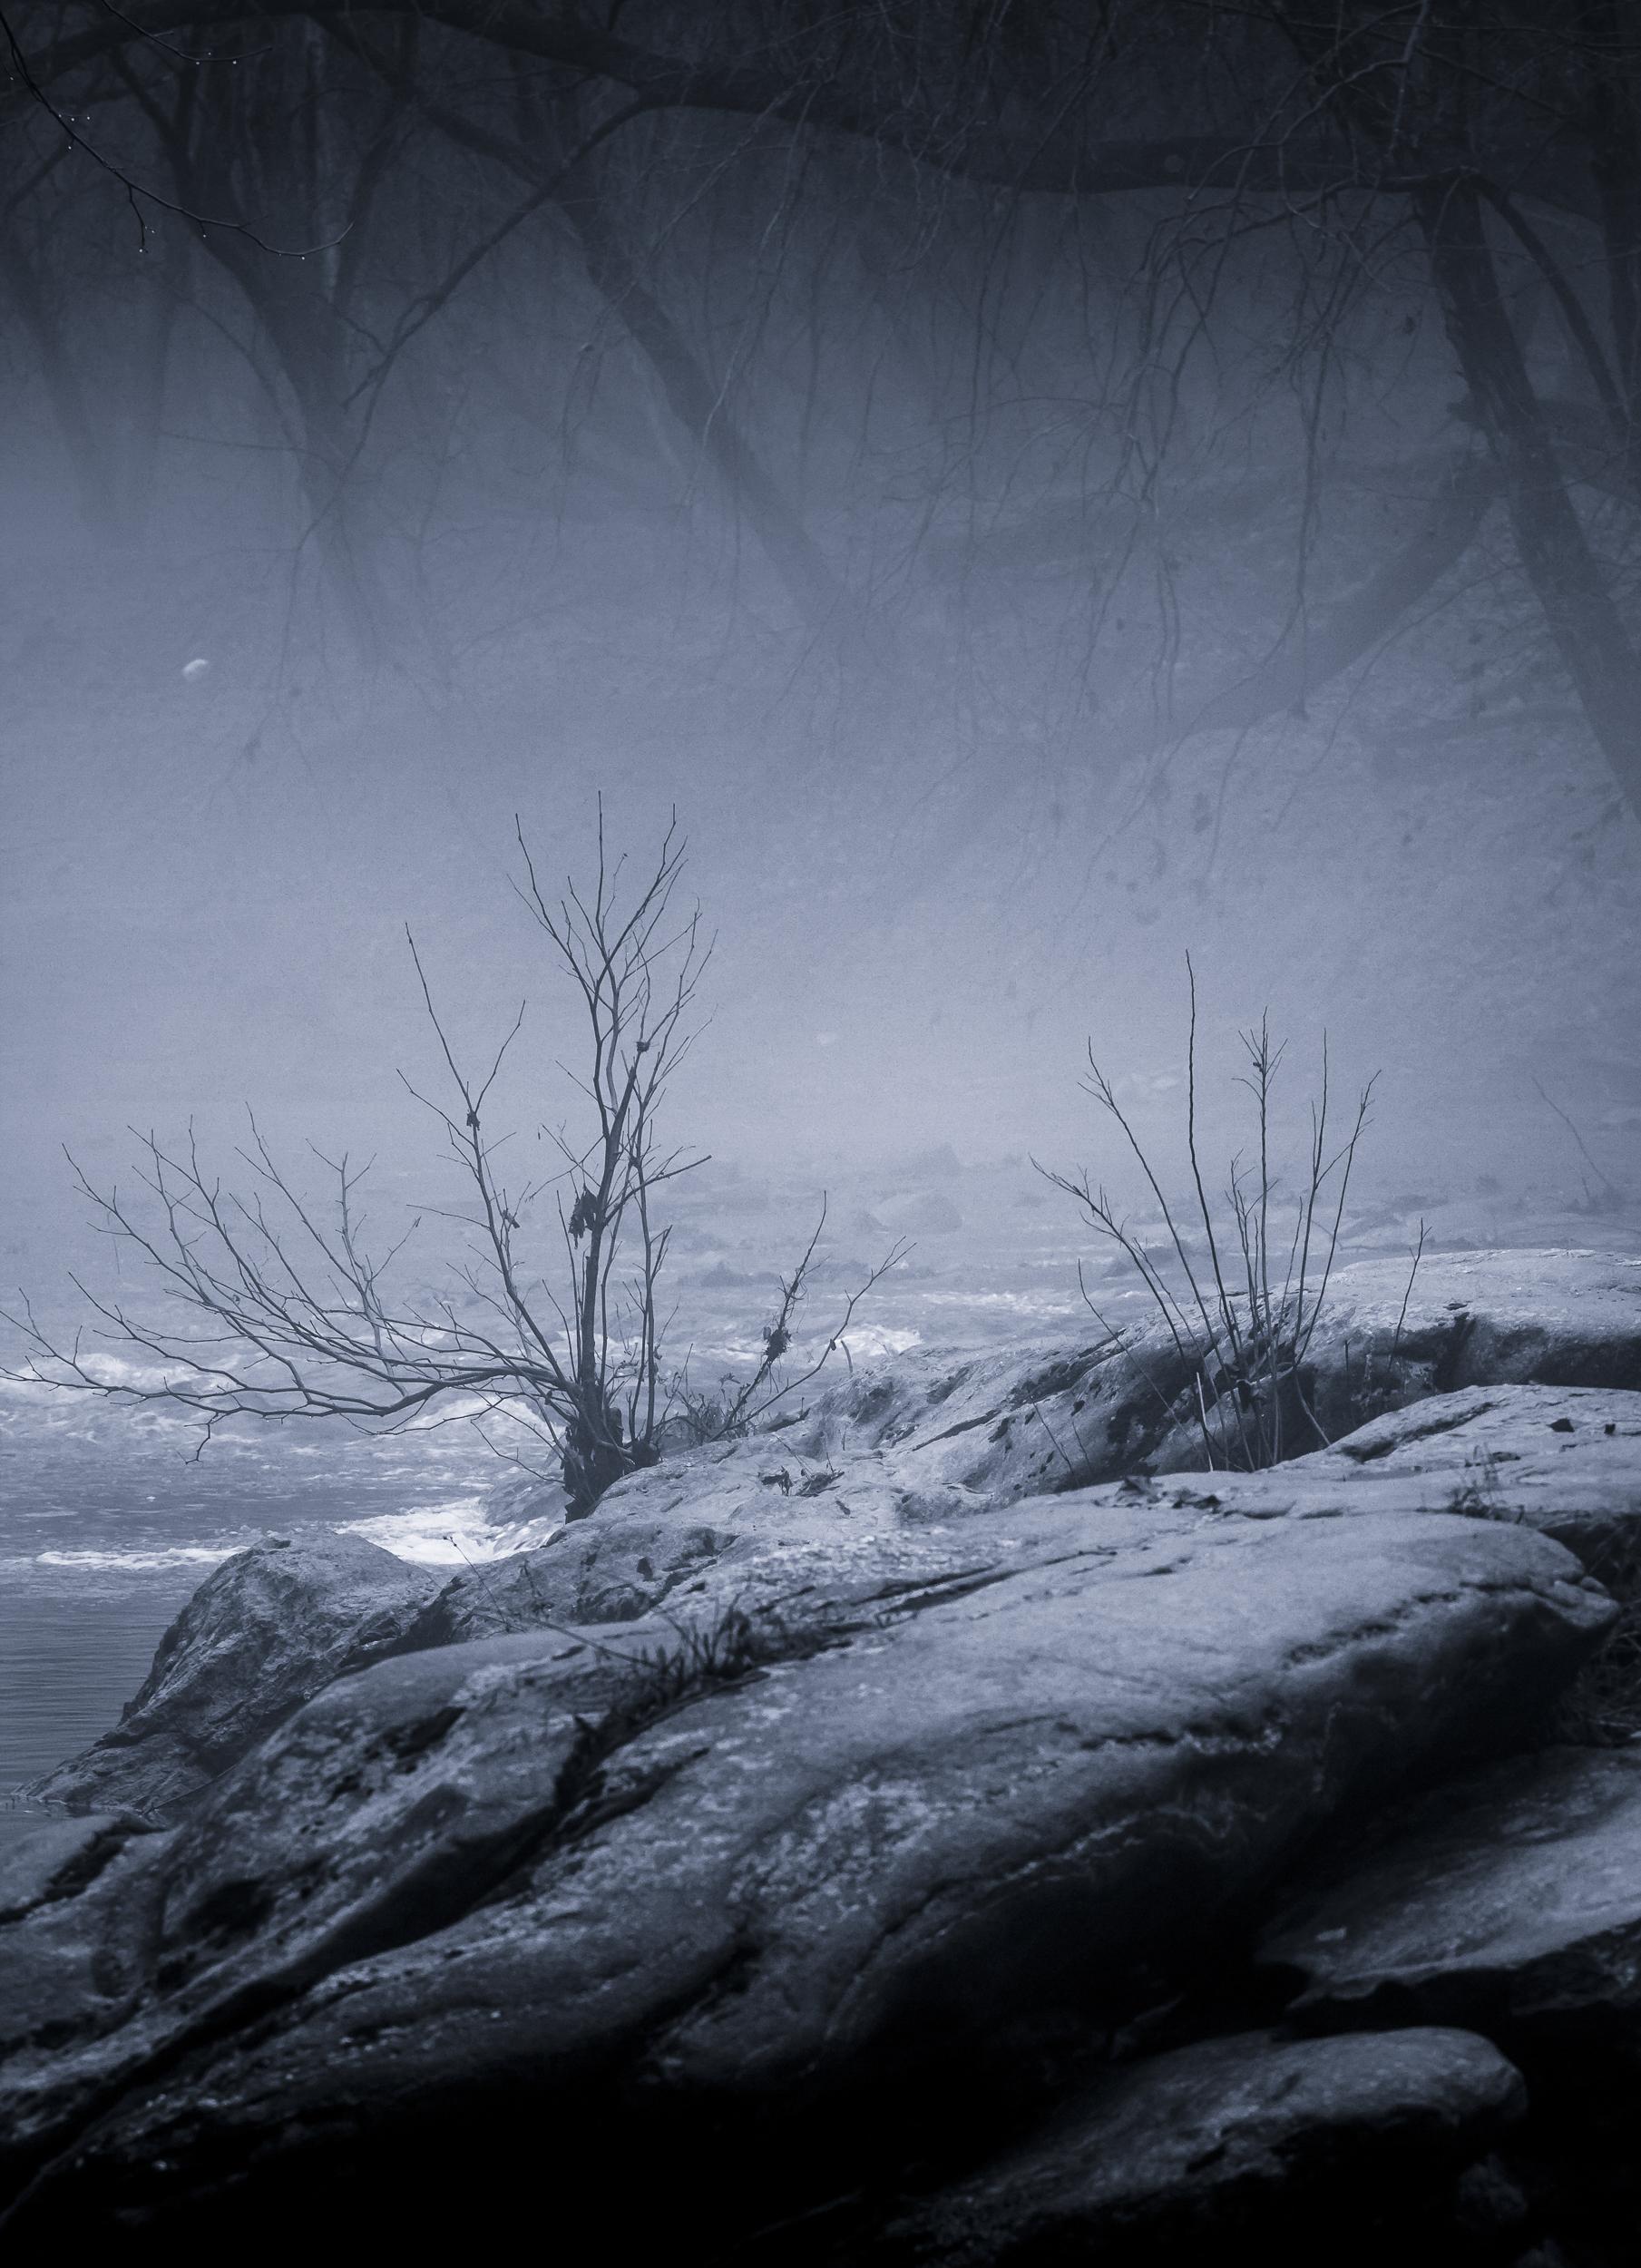 River Fog #4